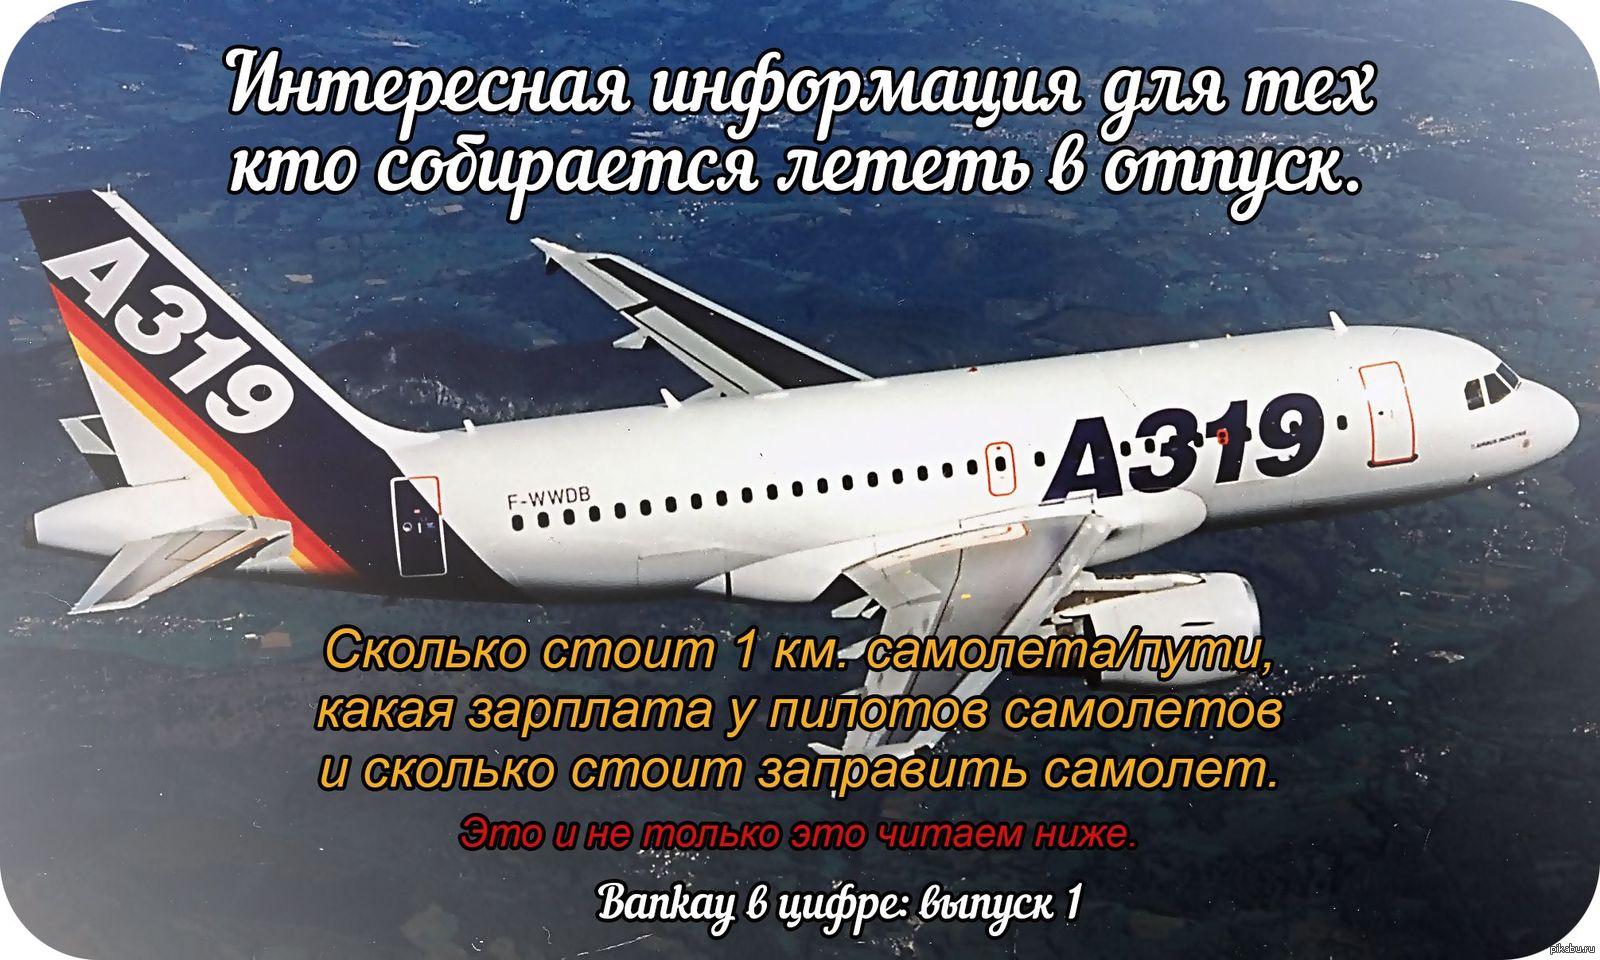 Керосин в самолётах почему